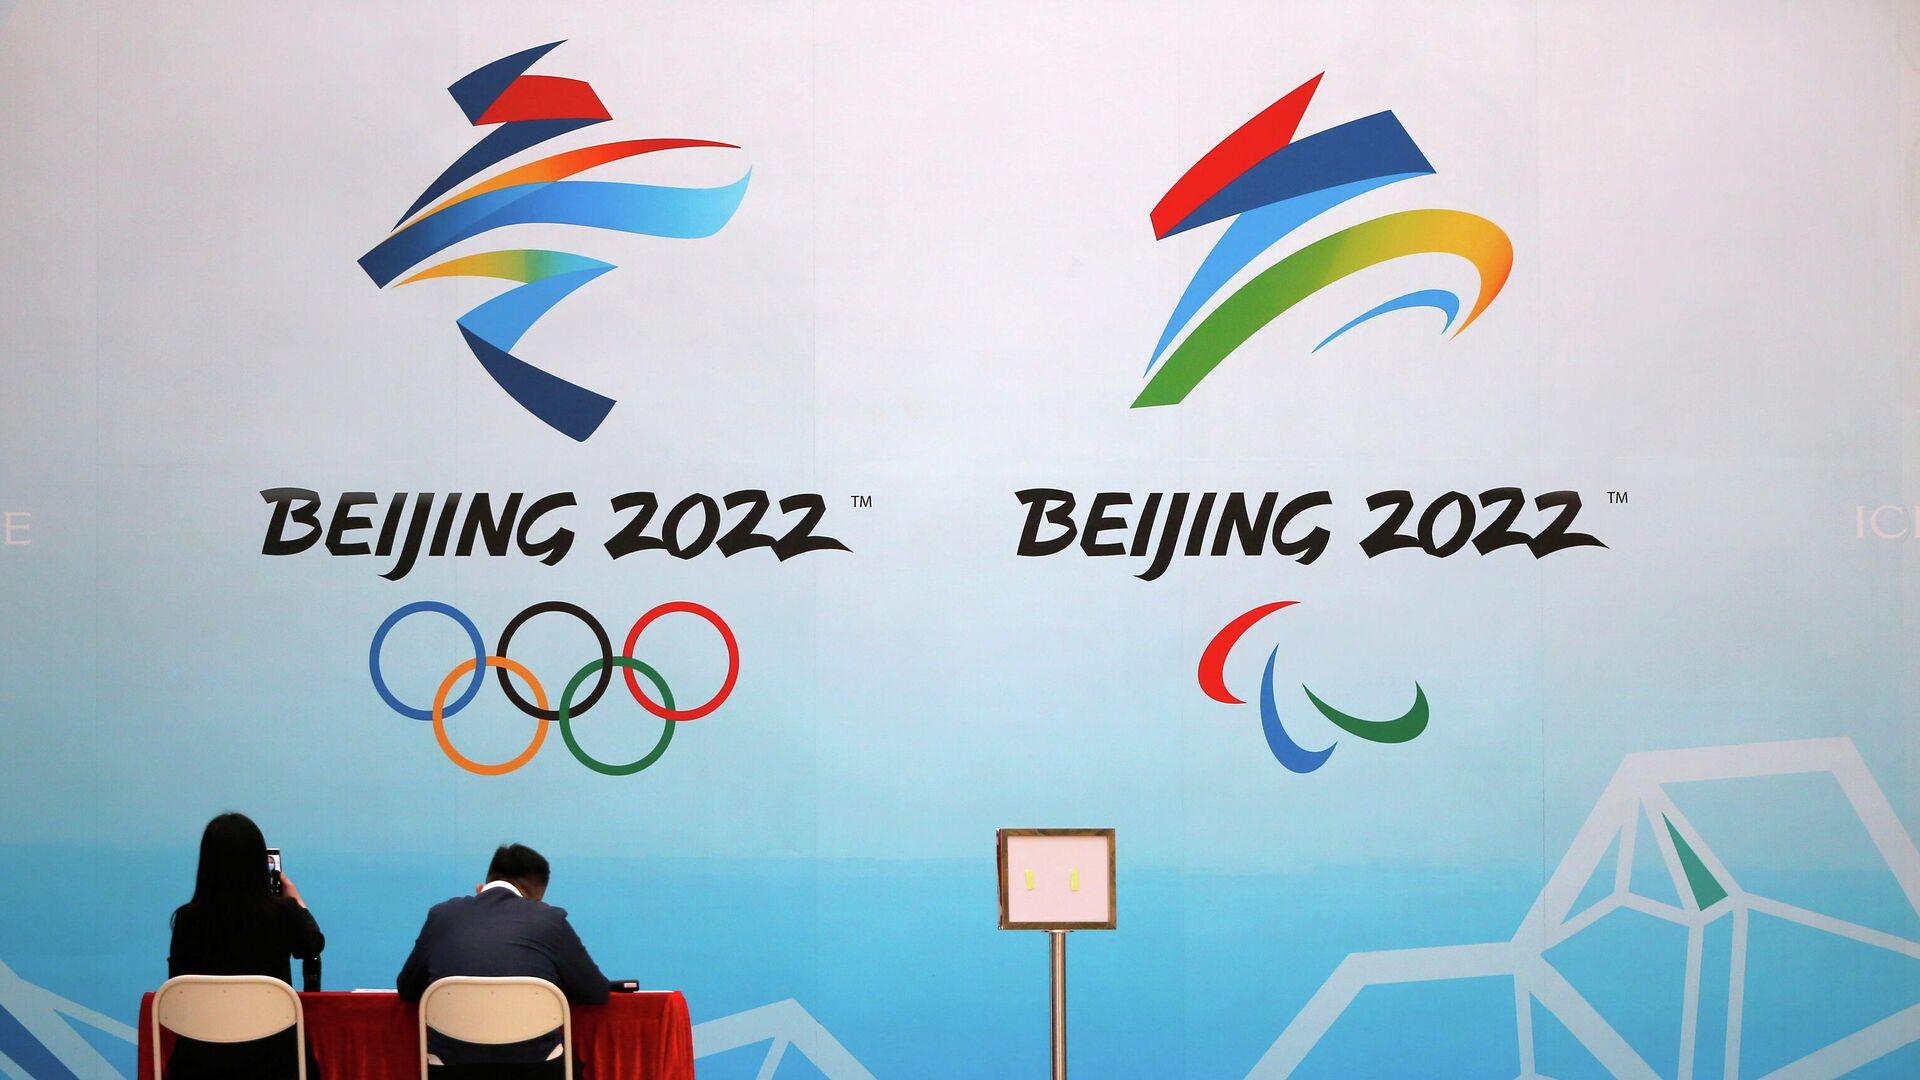 Logo de los JJOO de Pekín 2022 - Sputnik Mundo, 1920, 06.04.2021